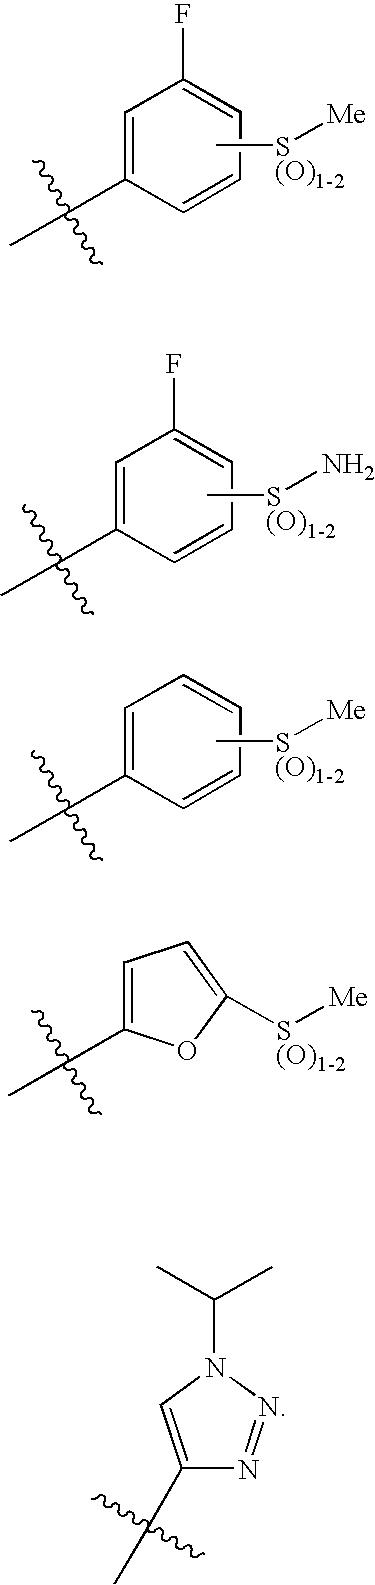 Figure US07790743-20100907-C00235